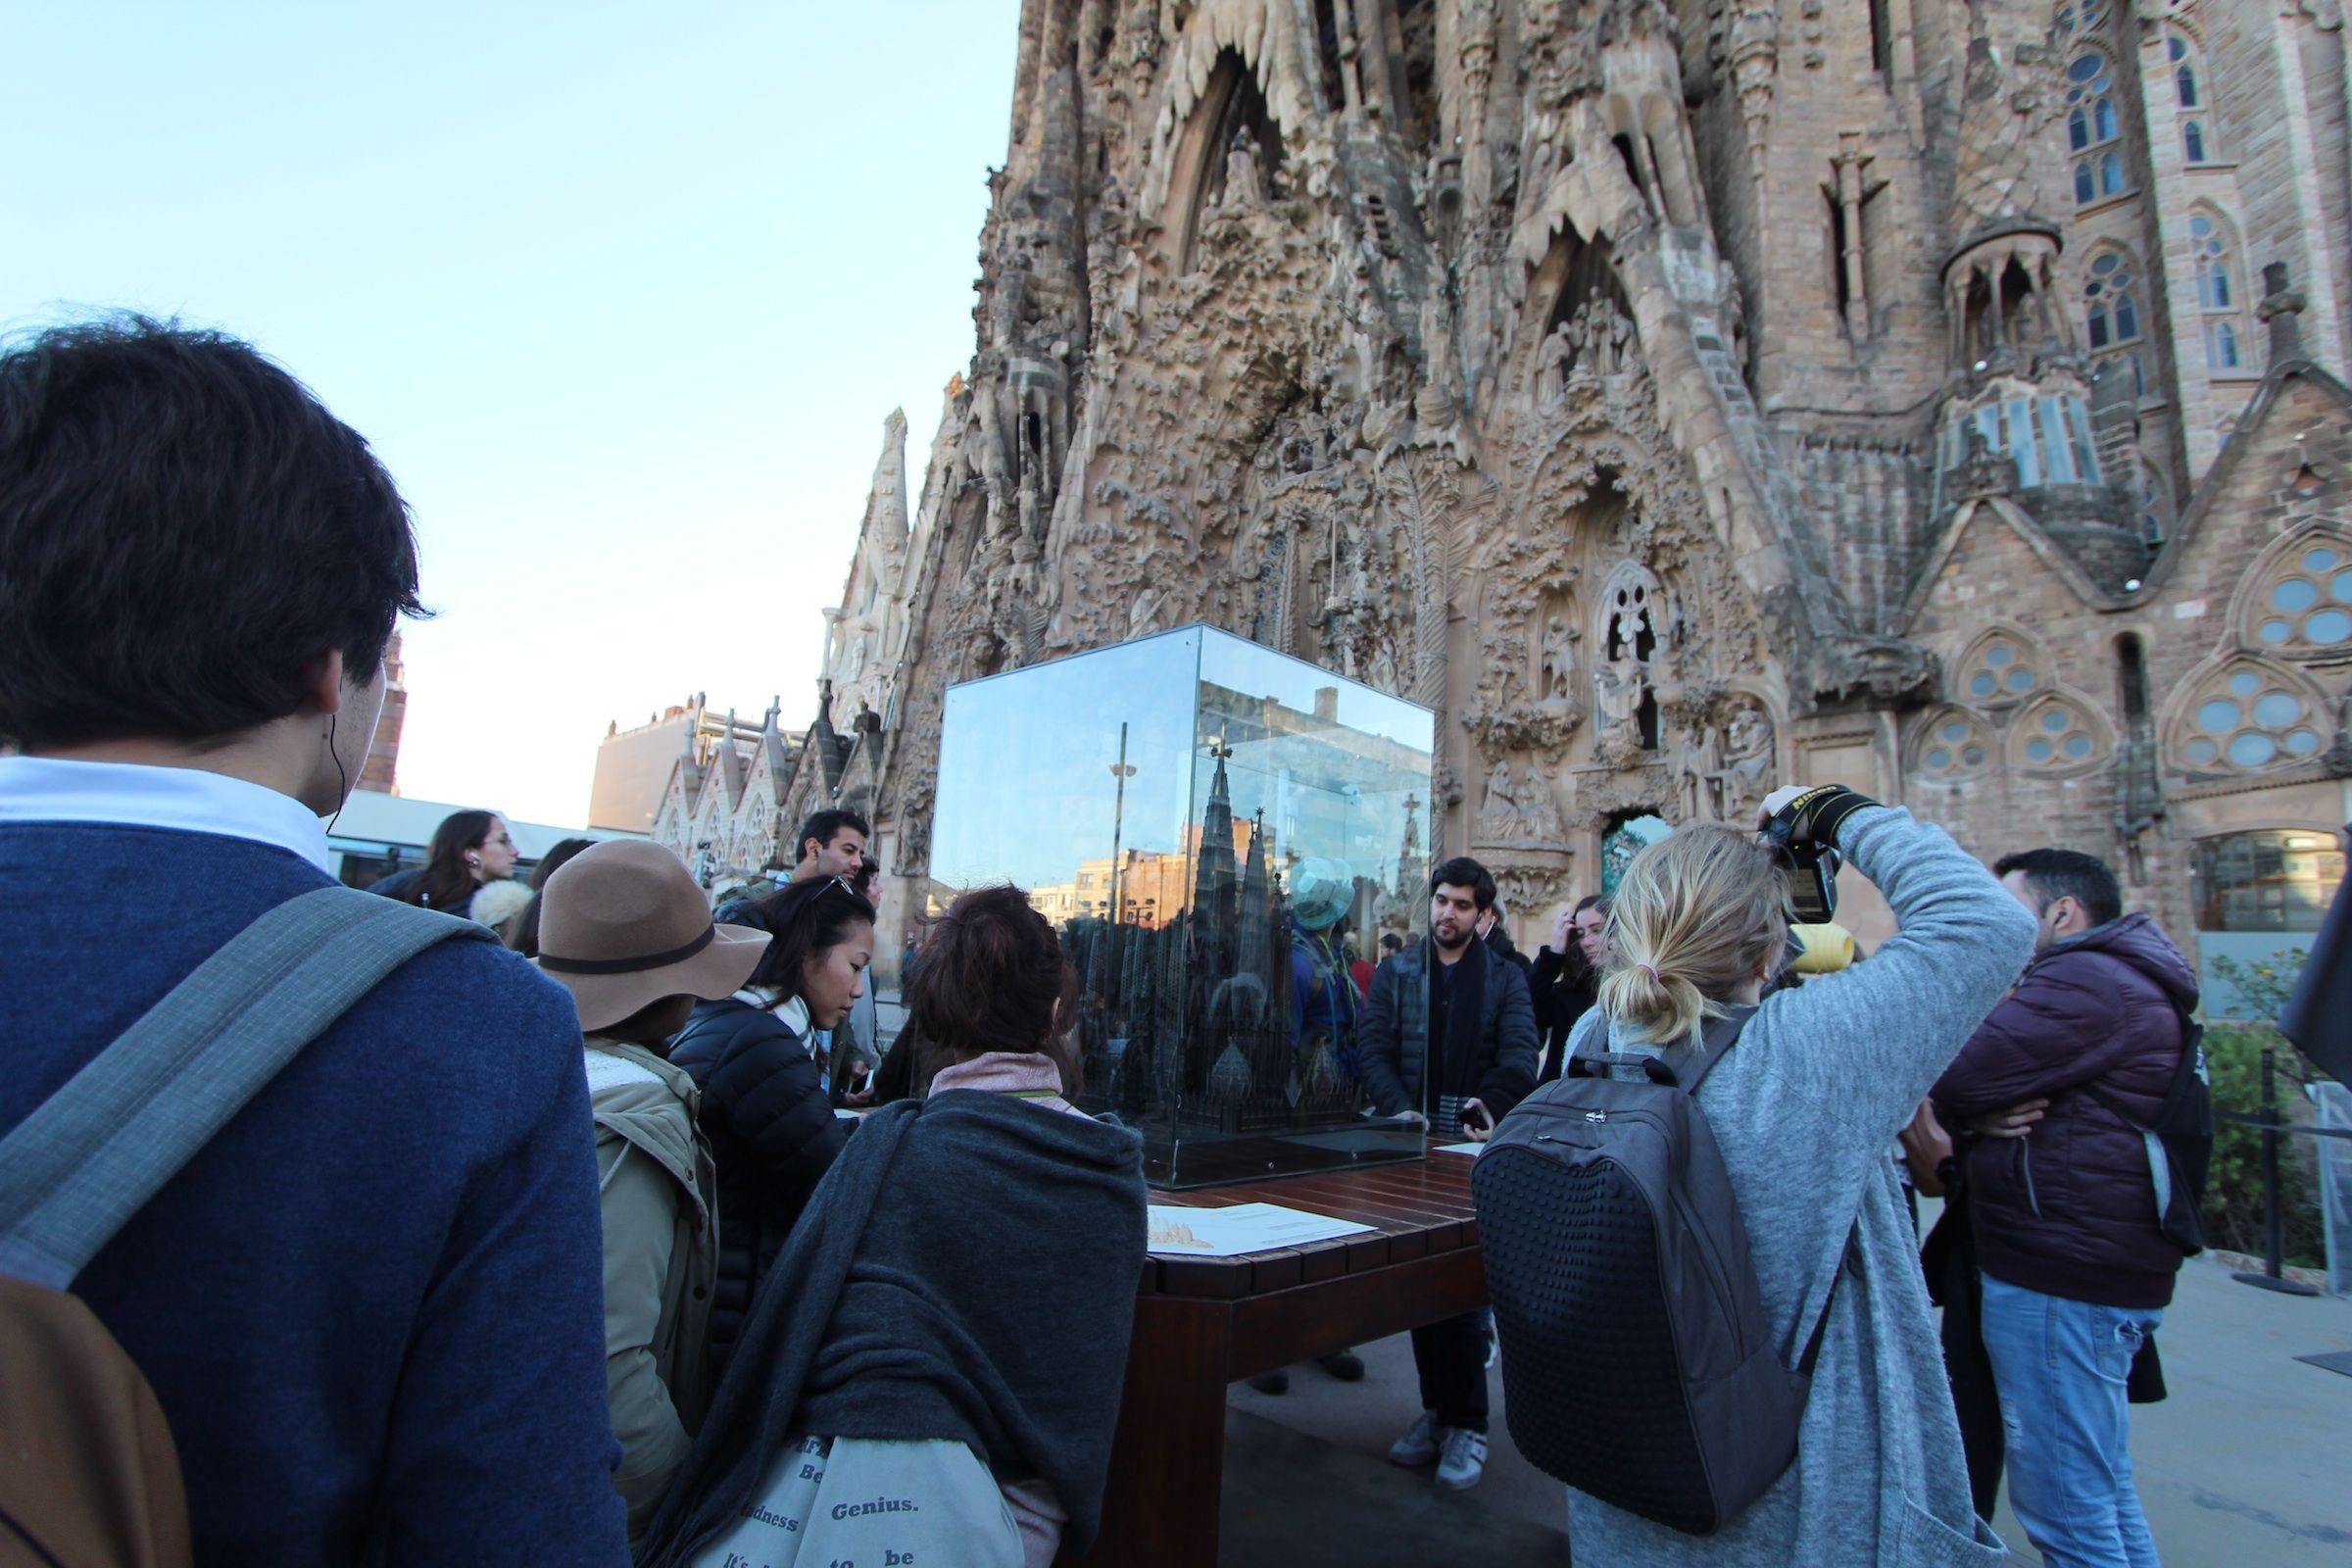 viaje-arquitectura-ceu-uch-barcelona-1